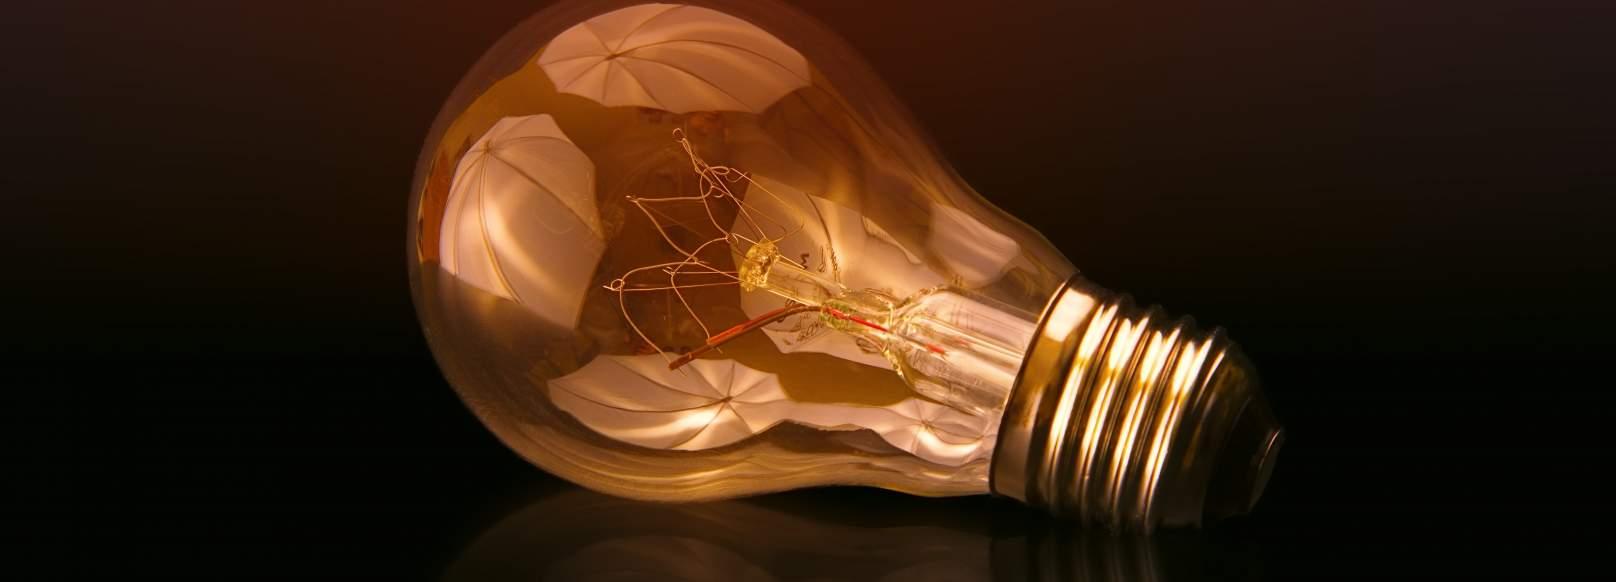 Electricité et énergie